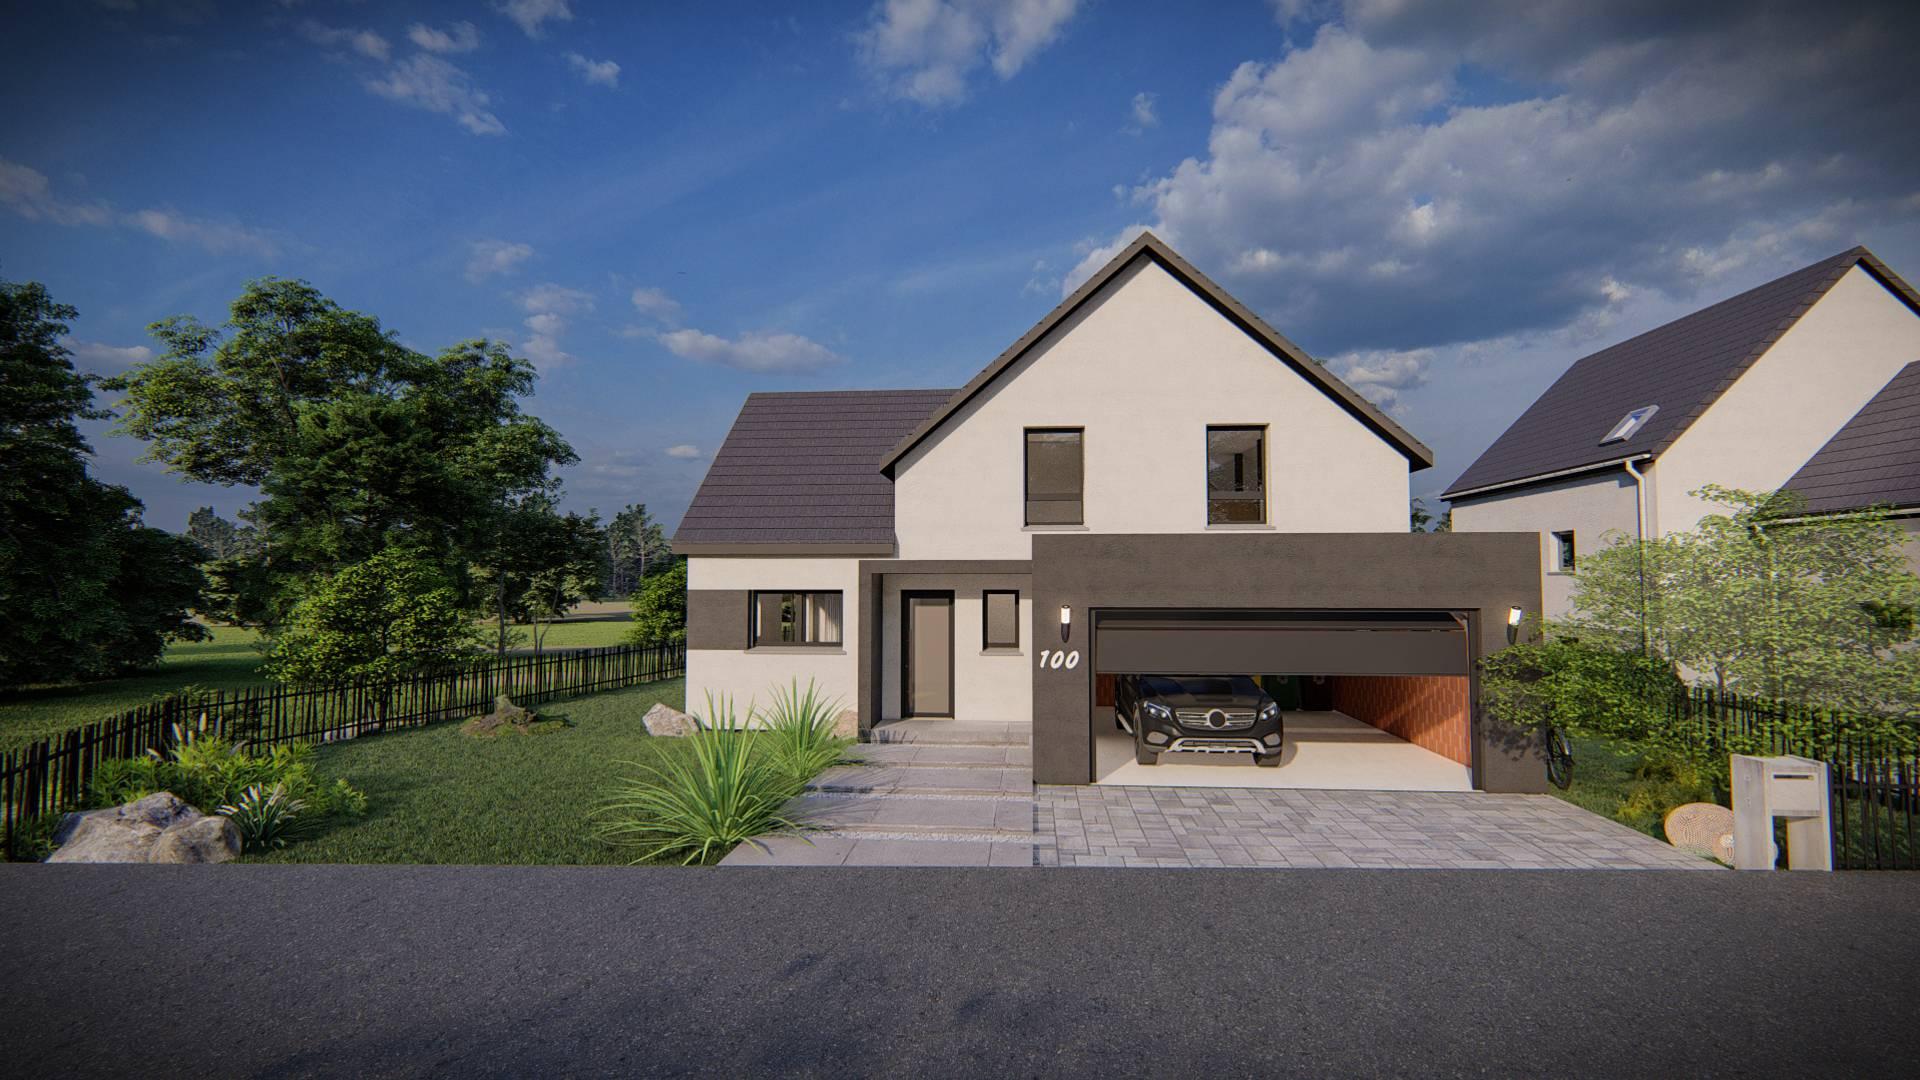 Maisons du constructeur SOCIETE MAISONS HANAU • 140 m² • KRIEGSHEIM